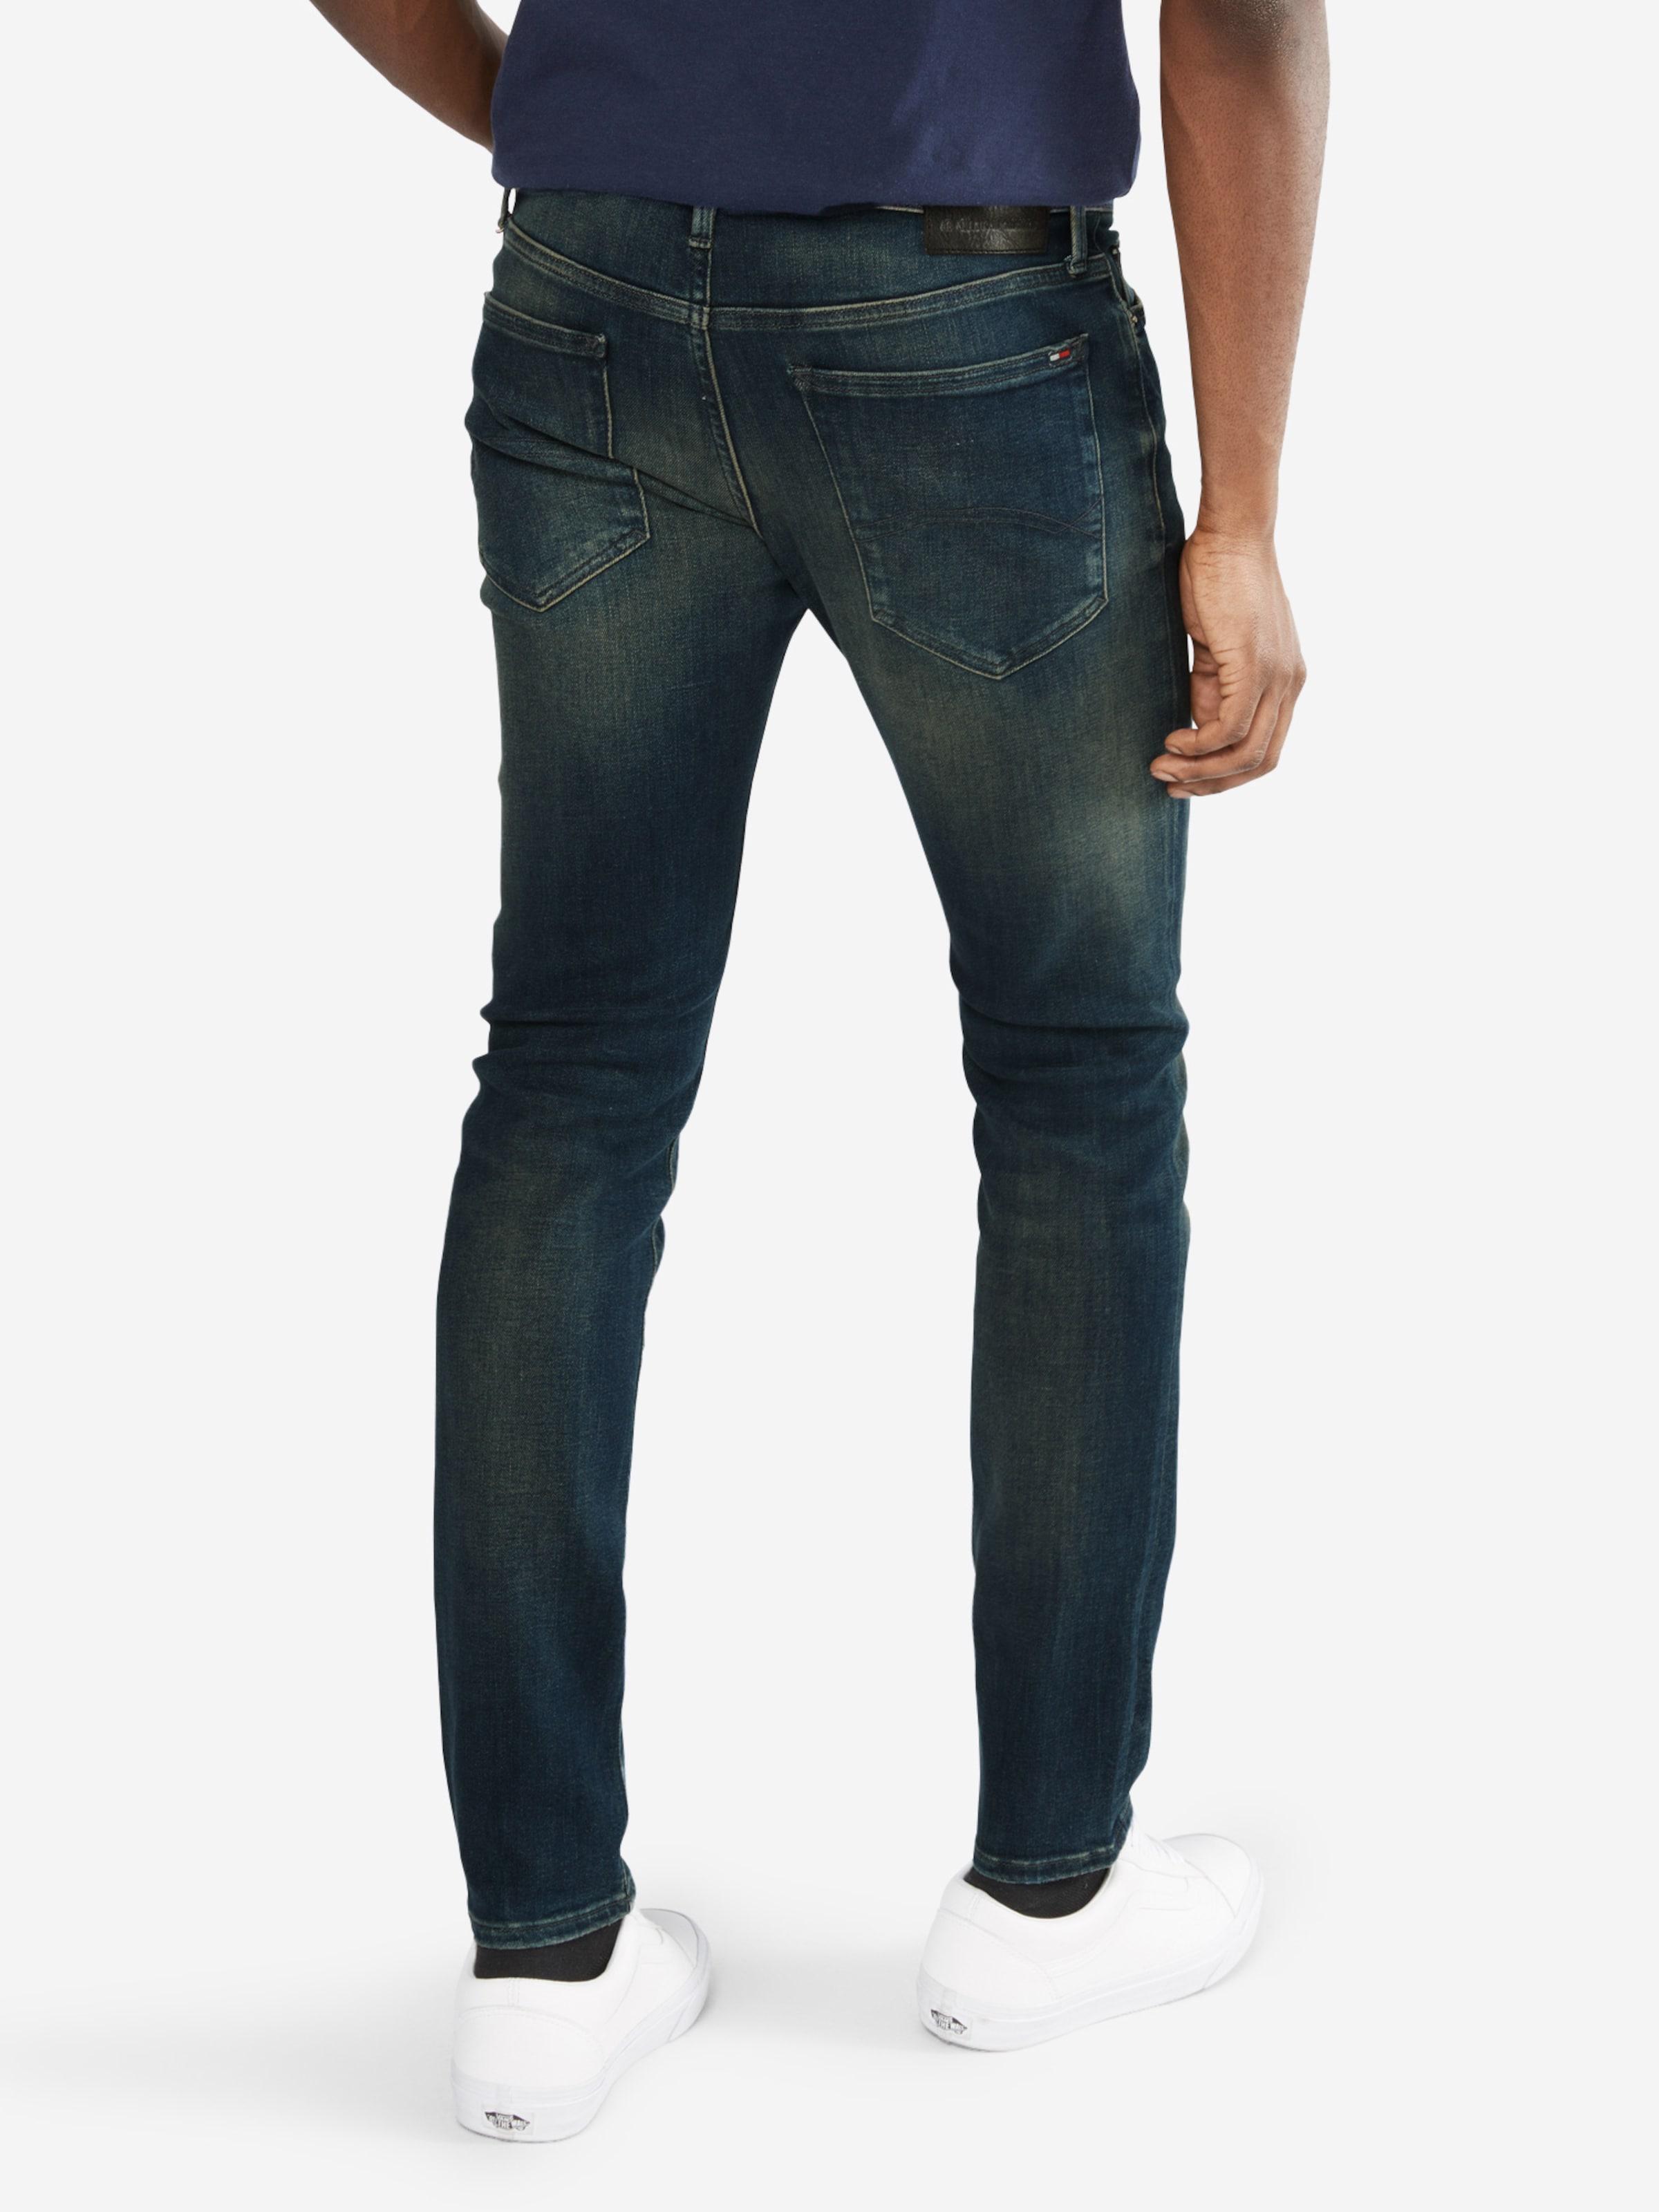 Finden Große Verkaufsshop Tommy Jeans Jeans 'SKINNY SIMON FDBLST' Billig Verkauf Erhalten Authentisch Beliebt UACRnfgyOh